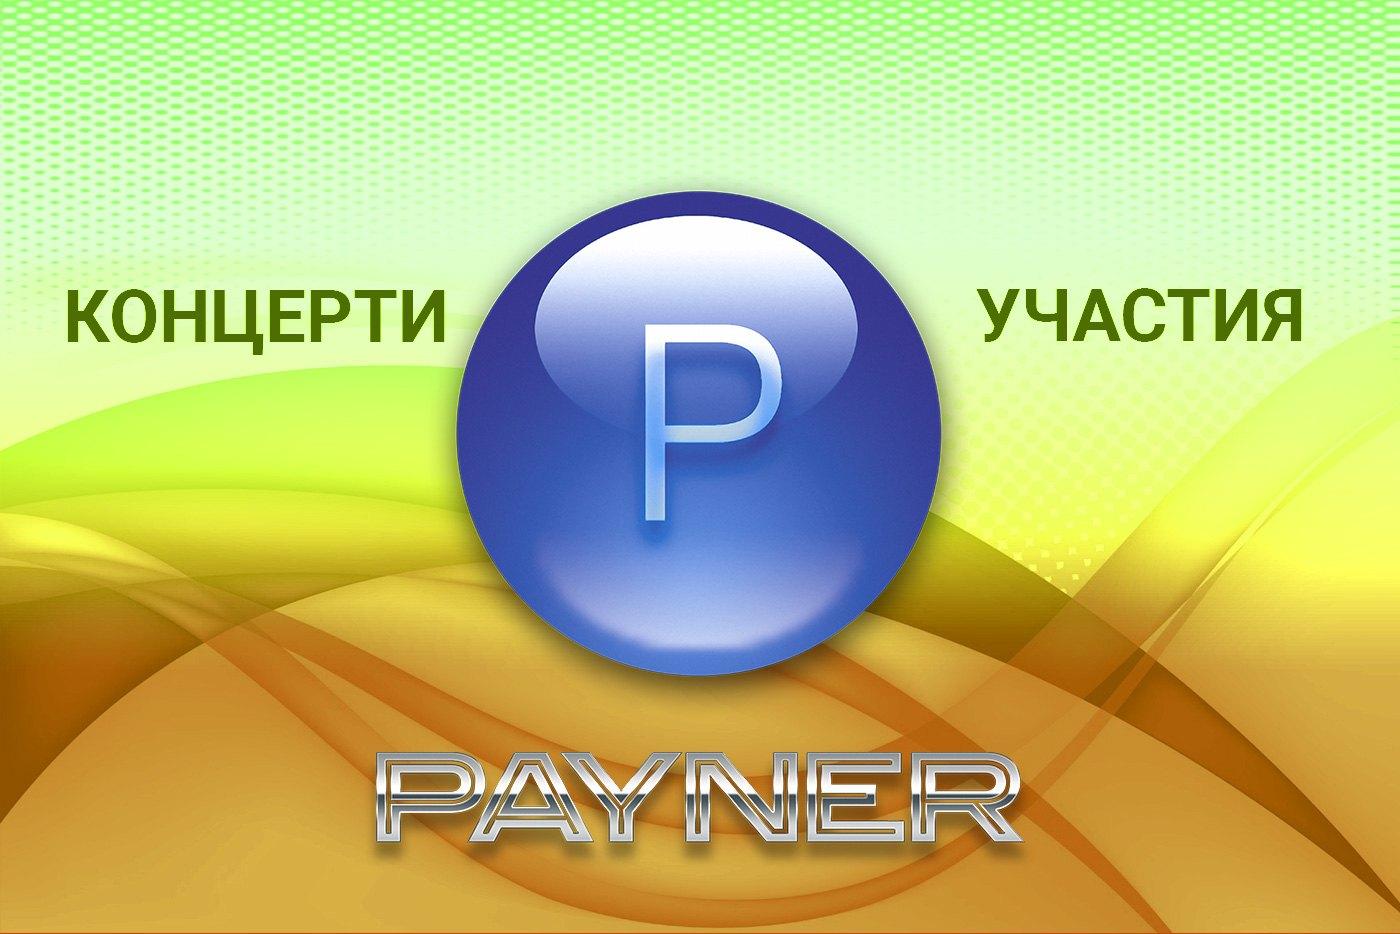 """Участия на звездите на """"Пайнер"""" на 13.01.2019"""